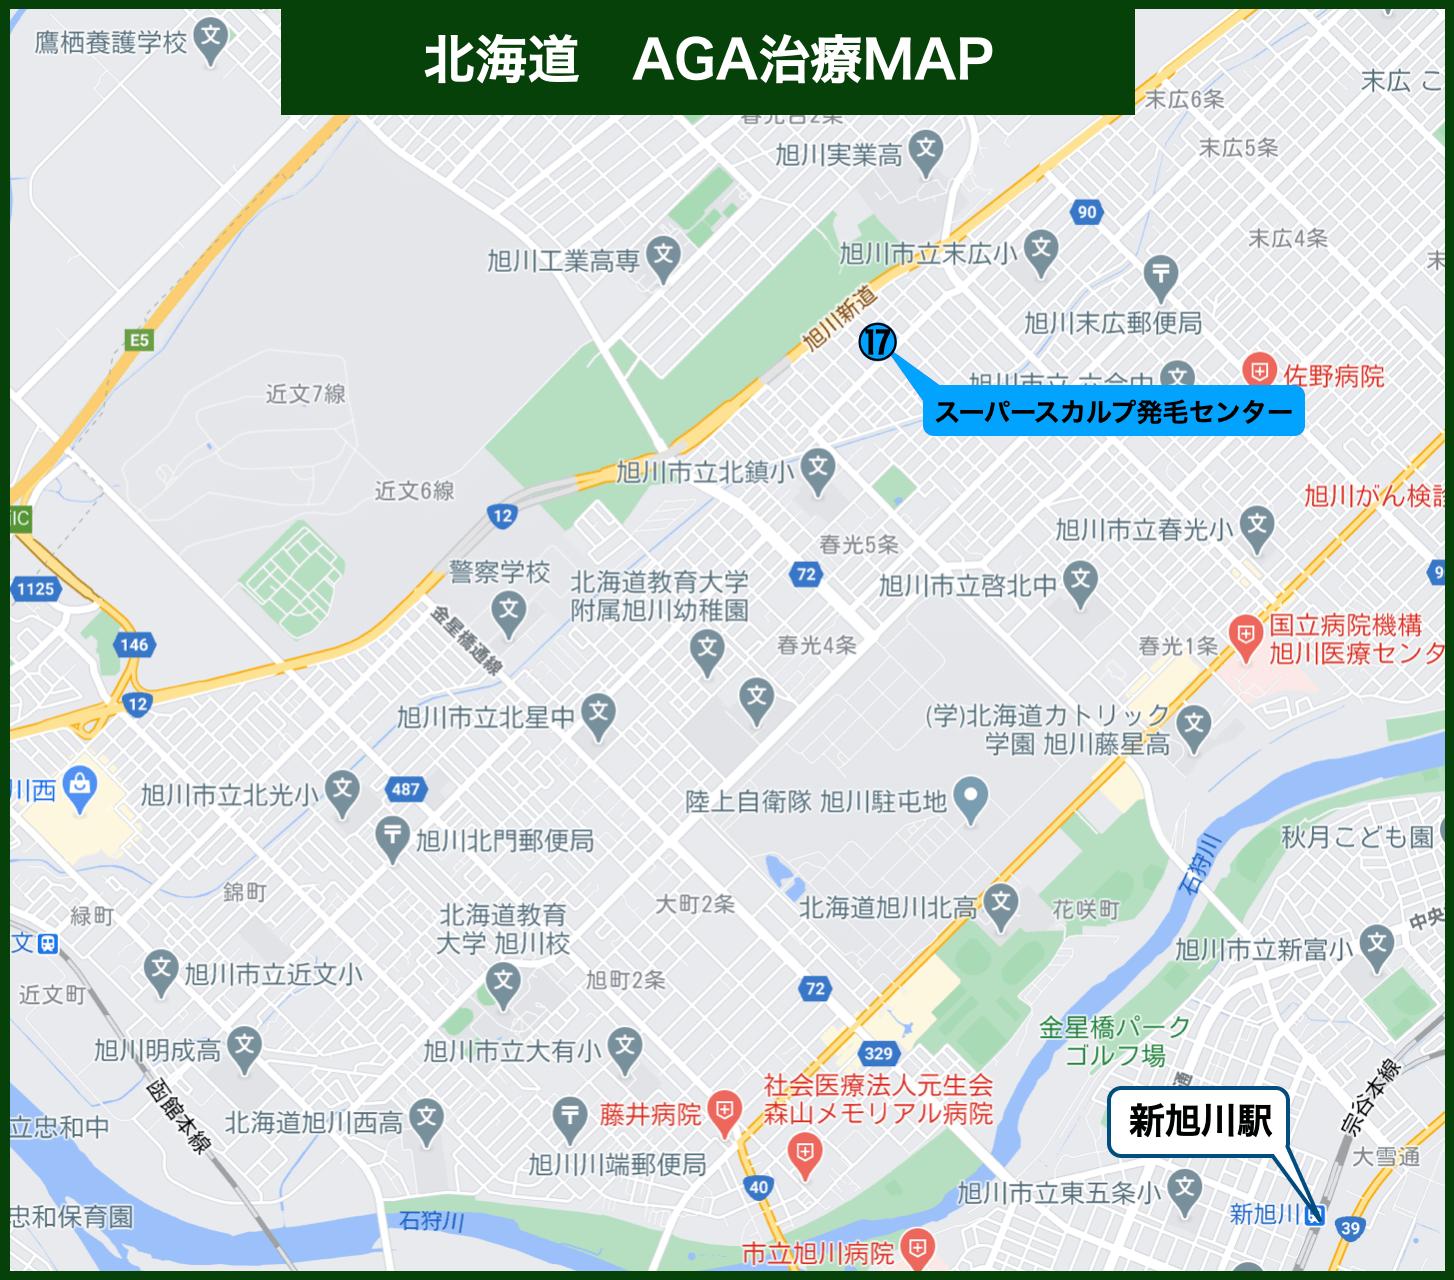 北海道AGA治療MAP